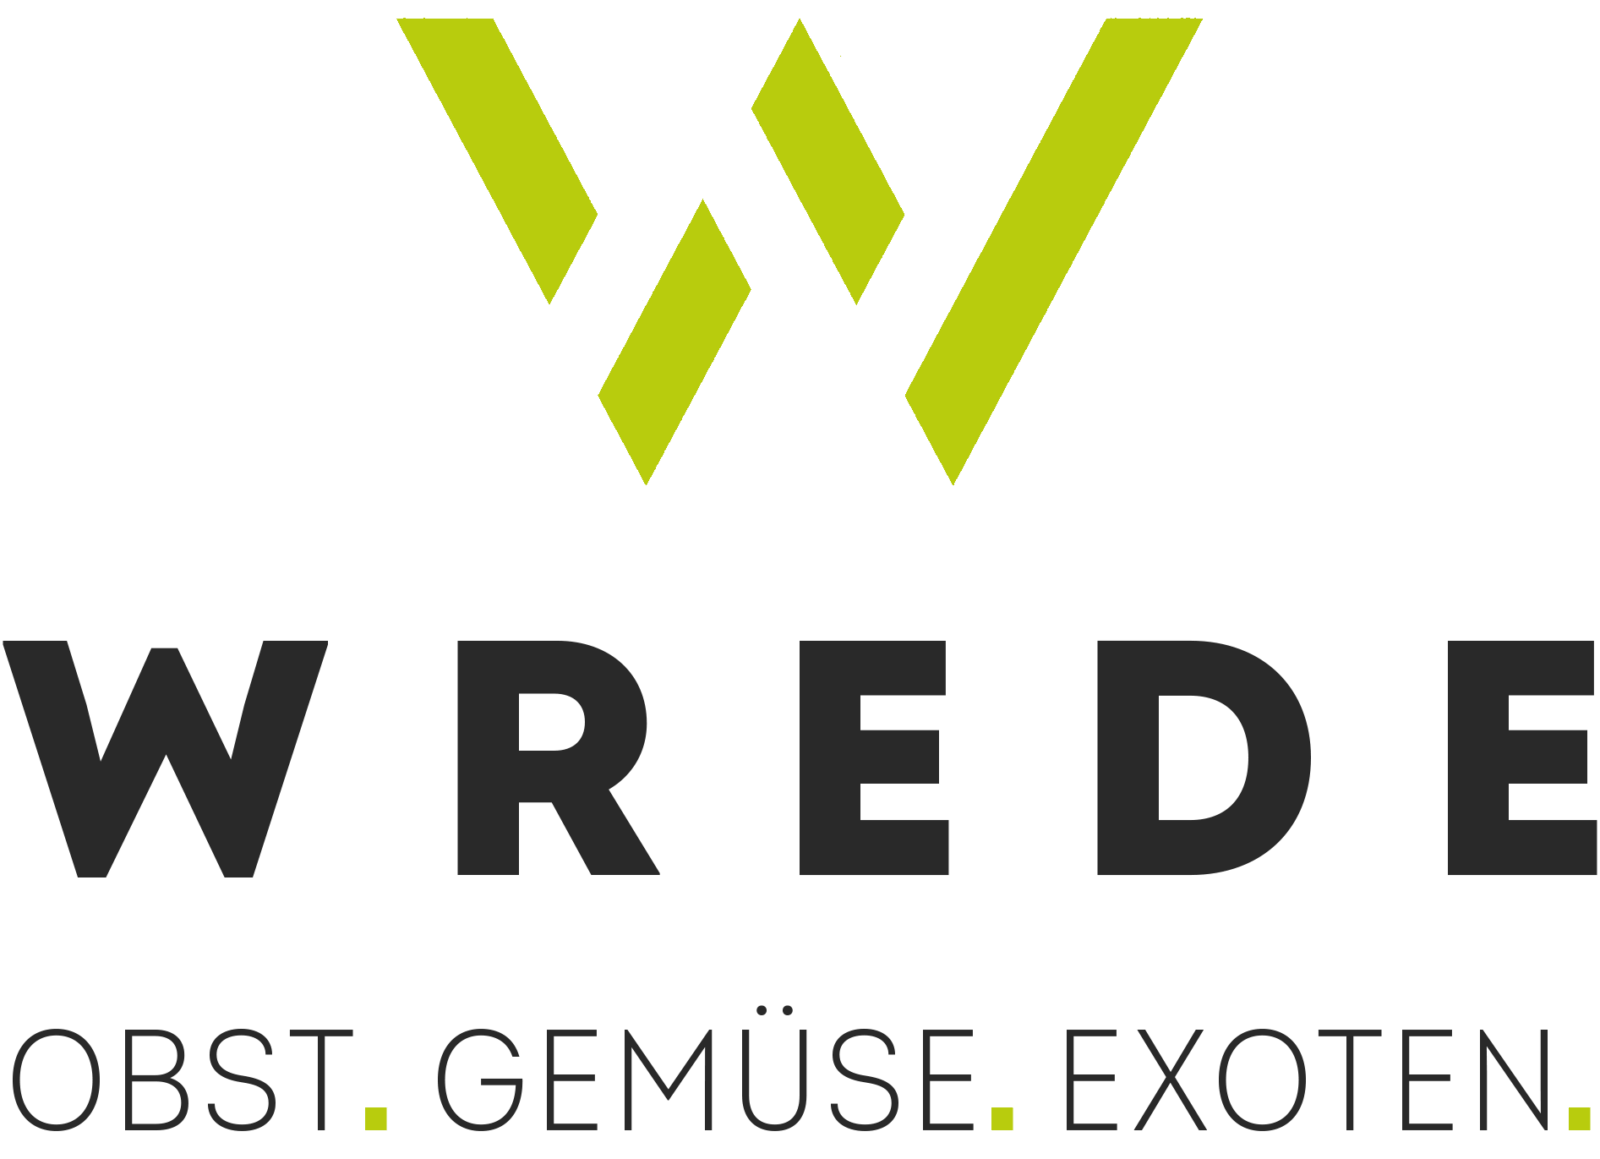 WredeShop